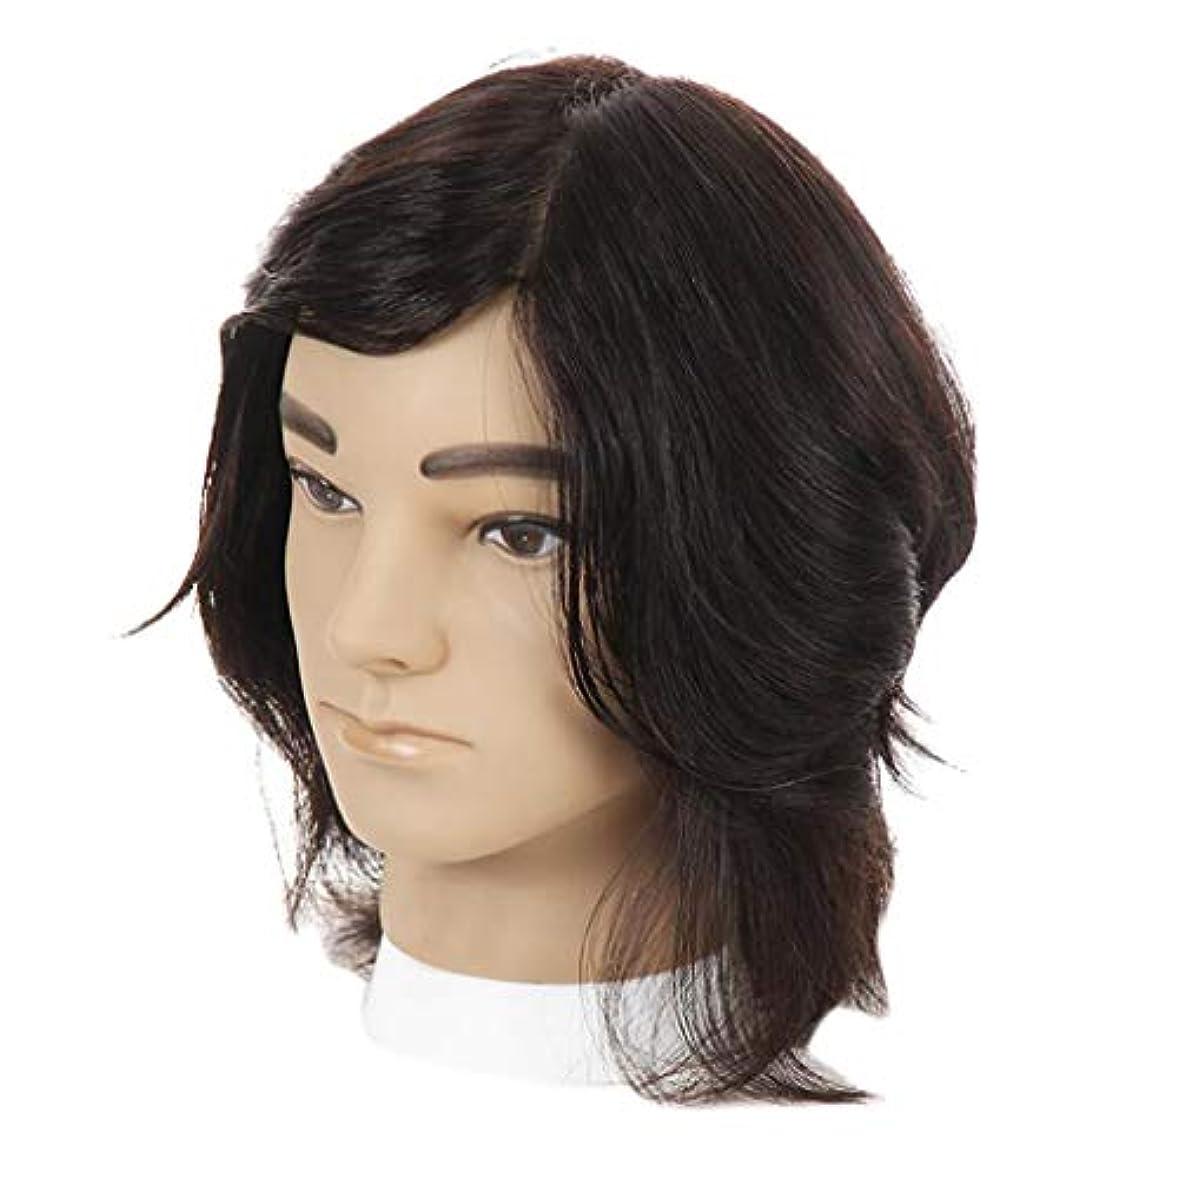 学習者縫うフェッチマネキンヘッド ディスプレイ スタンド ウィッグ 男性 人間の髪の毛 ヘアプラクティスヘッド 全2色 - ブラック